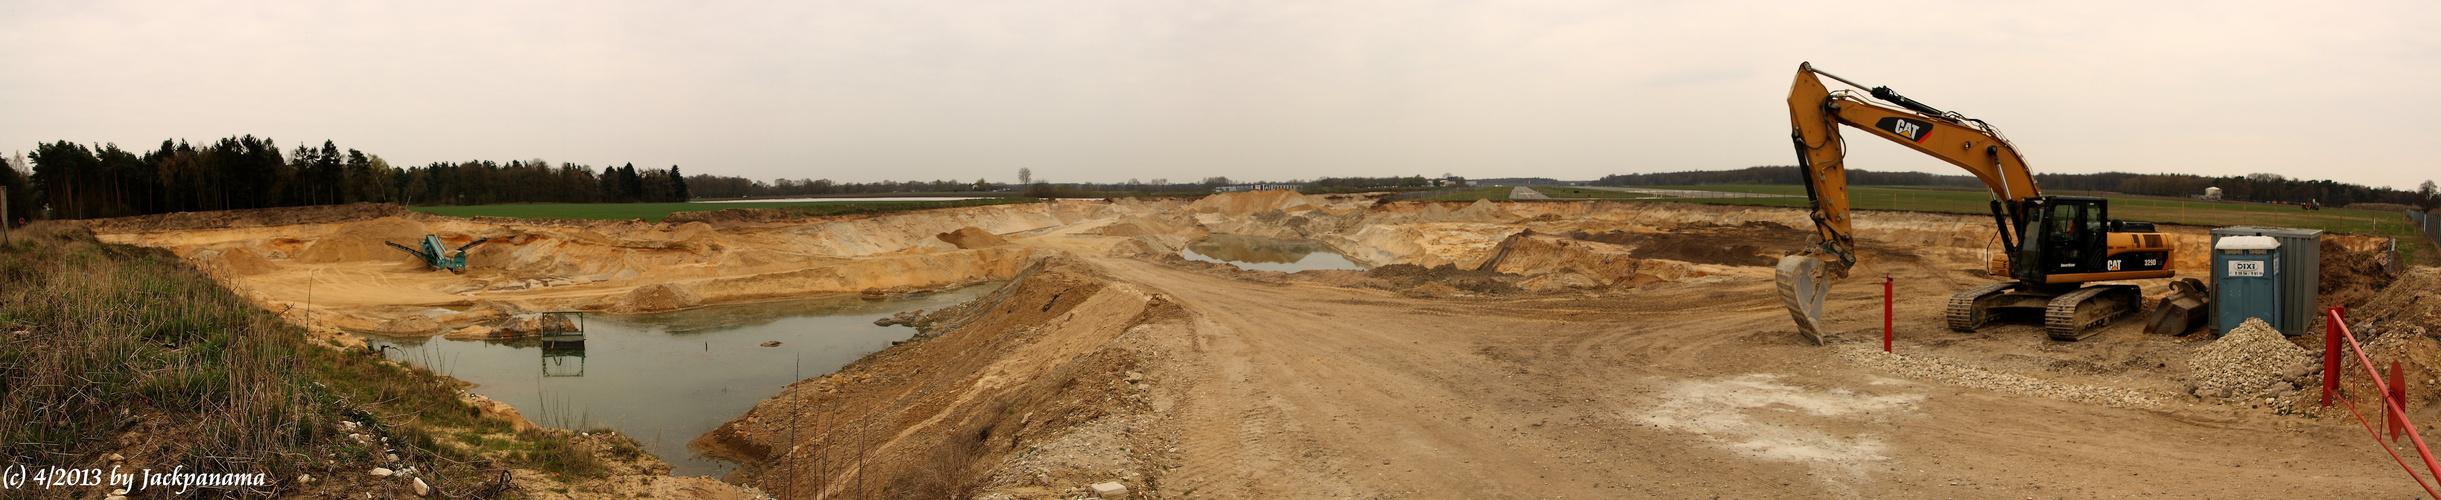 Sandgewinnung im Tagebau direkt am Flugplatz Schwarze Heide in Kirchhellen (3)